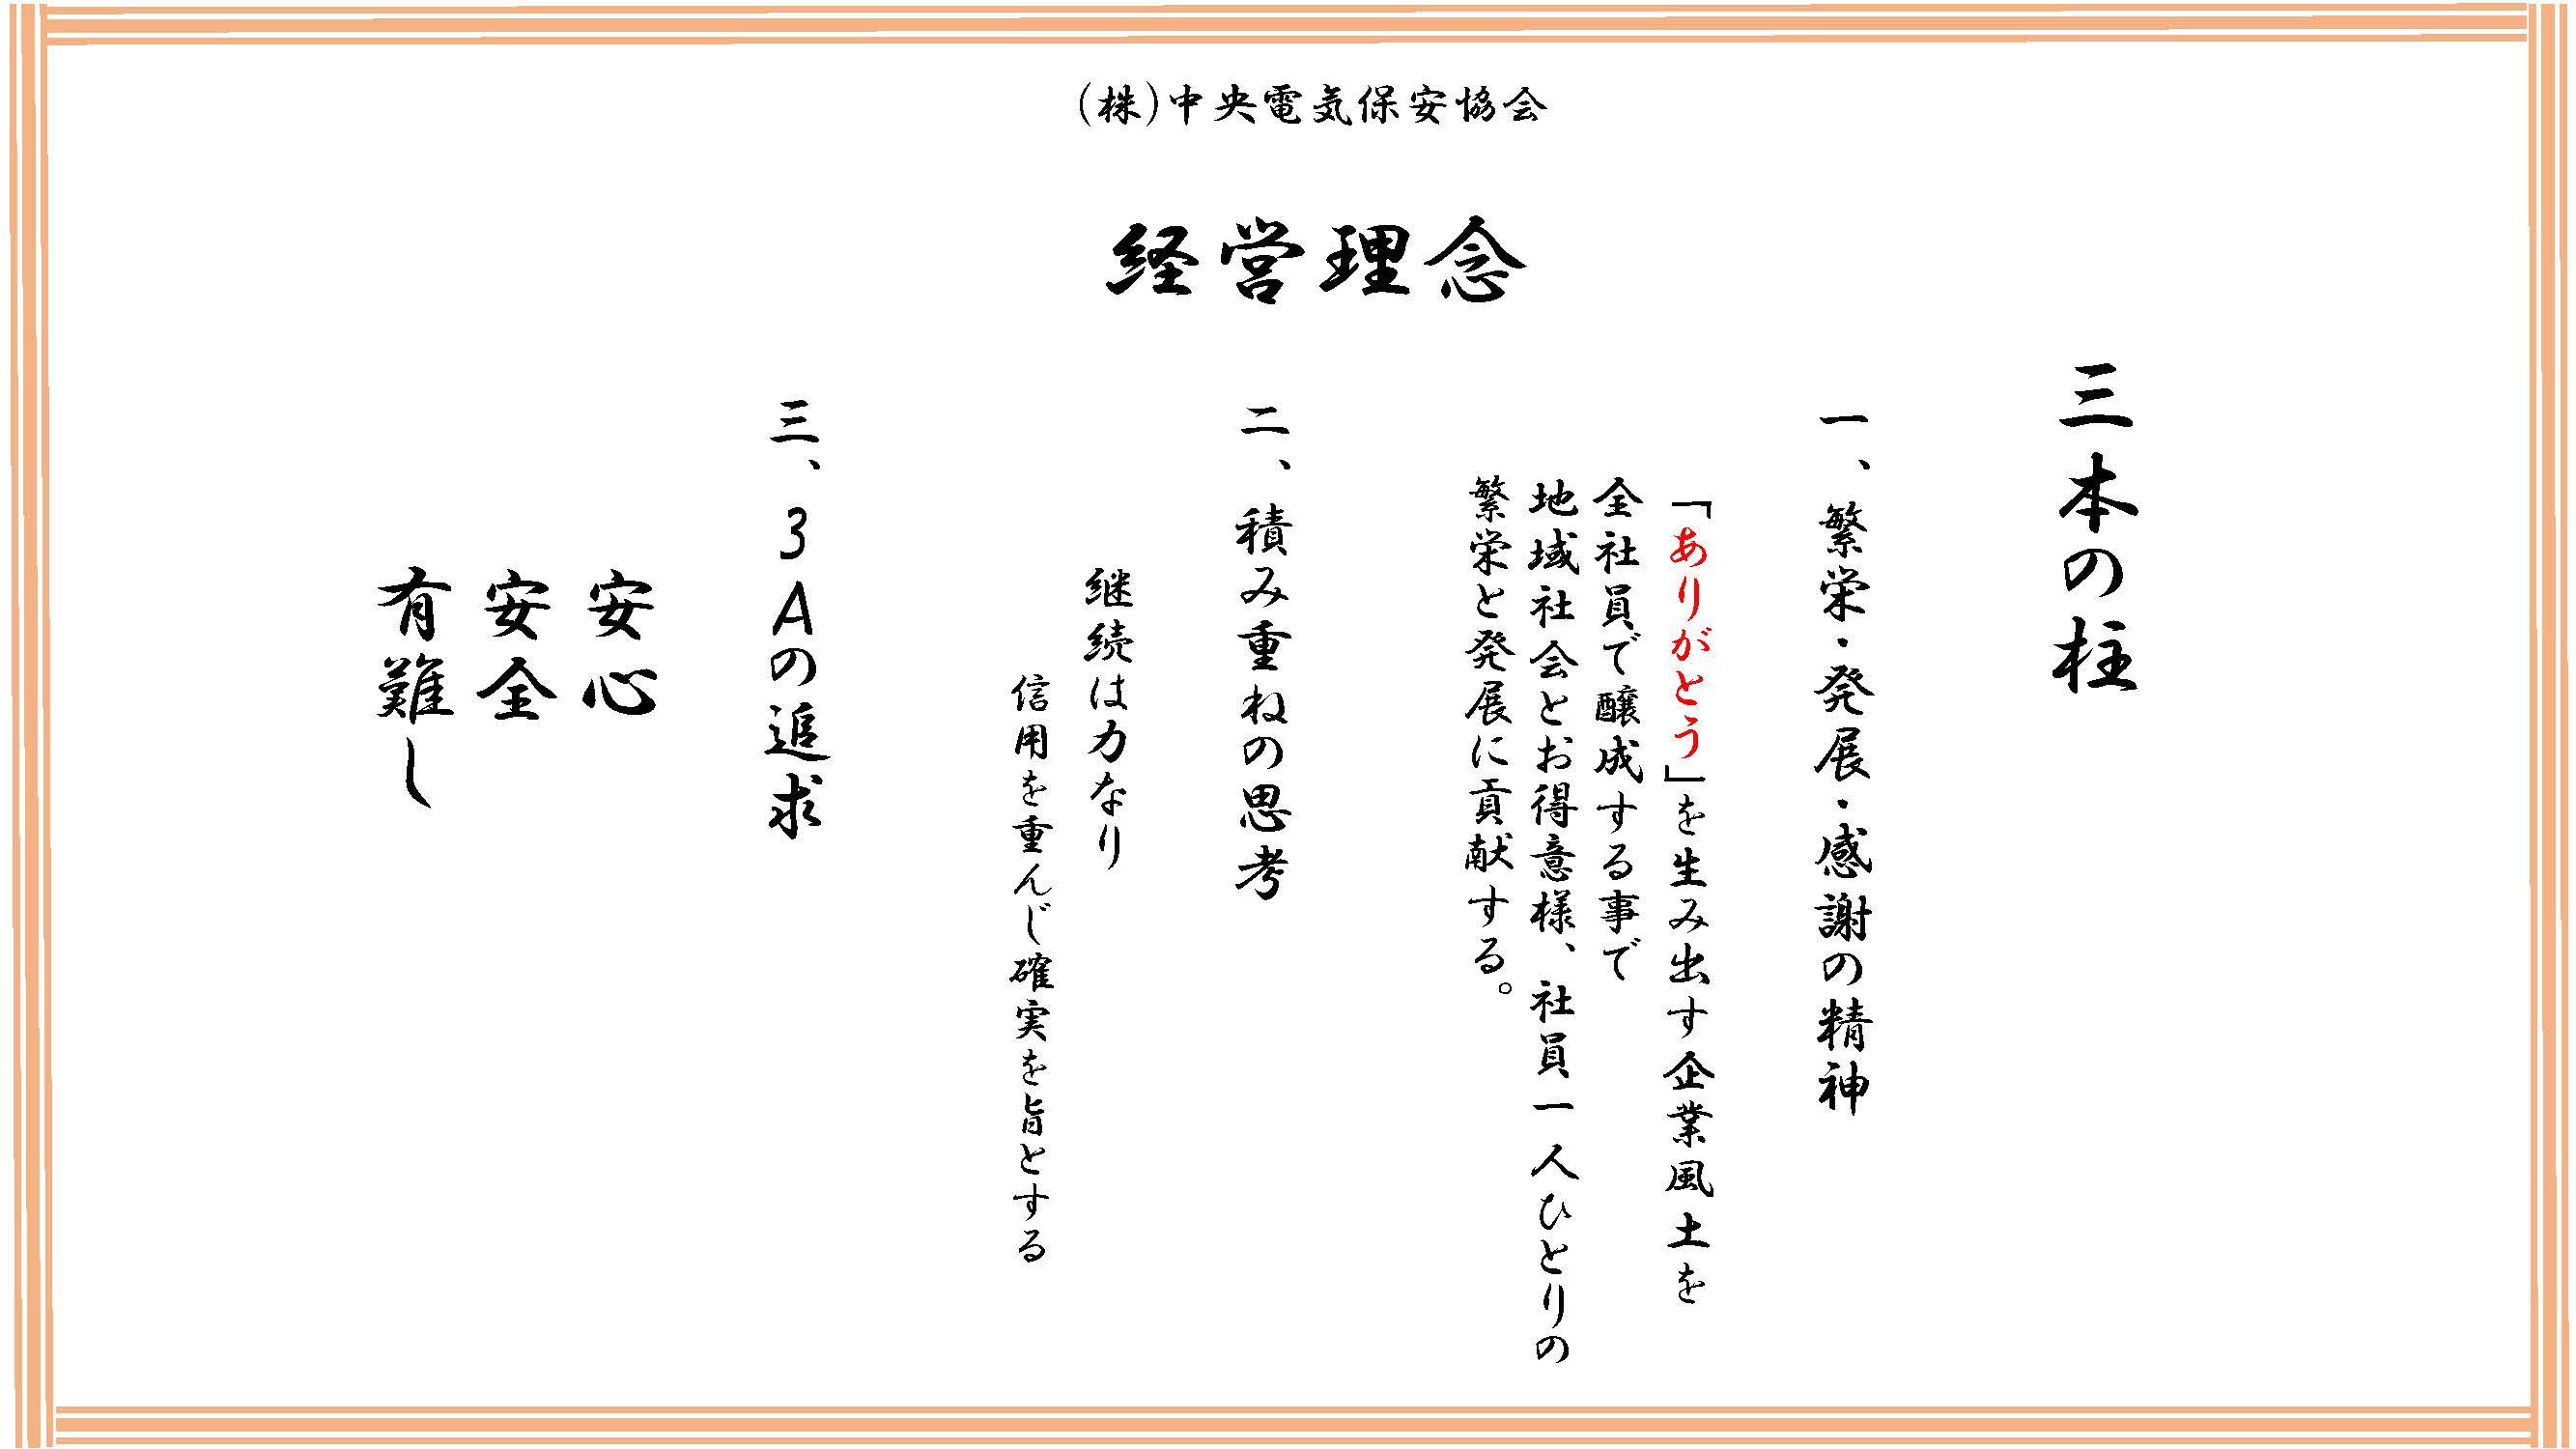 松山中央電気保安協会:電気管理事務所 電気主任技術者 保安協会 電気保安会社 電気代 電気工事 企業理念